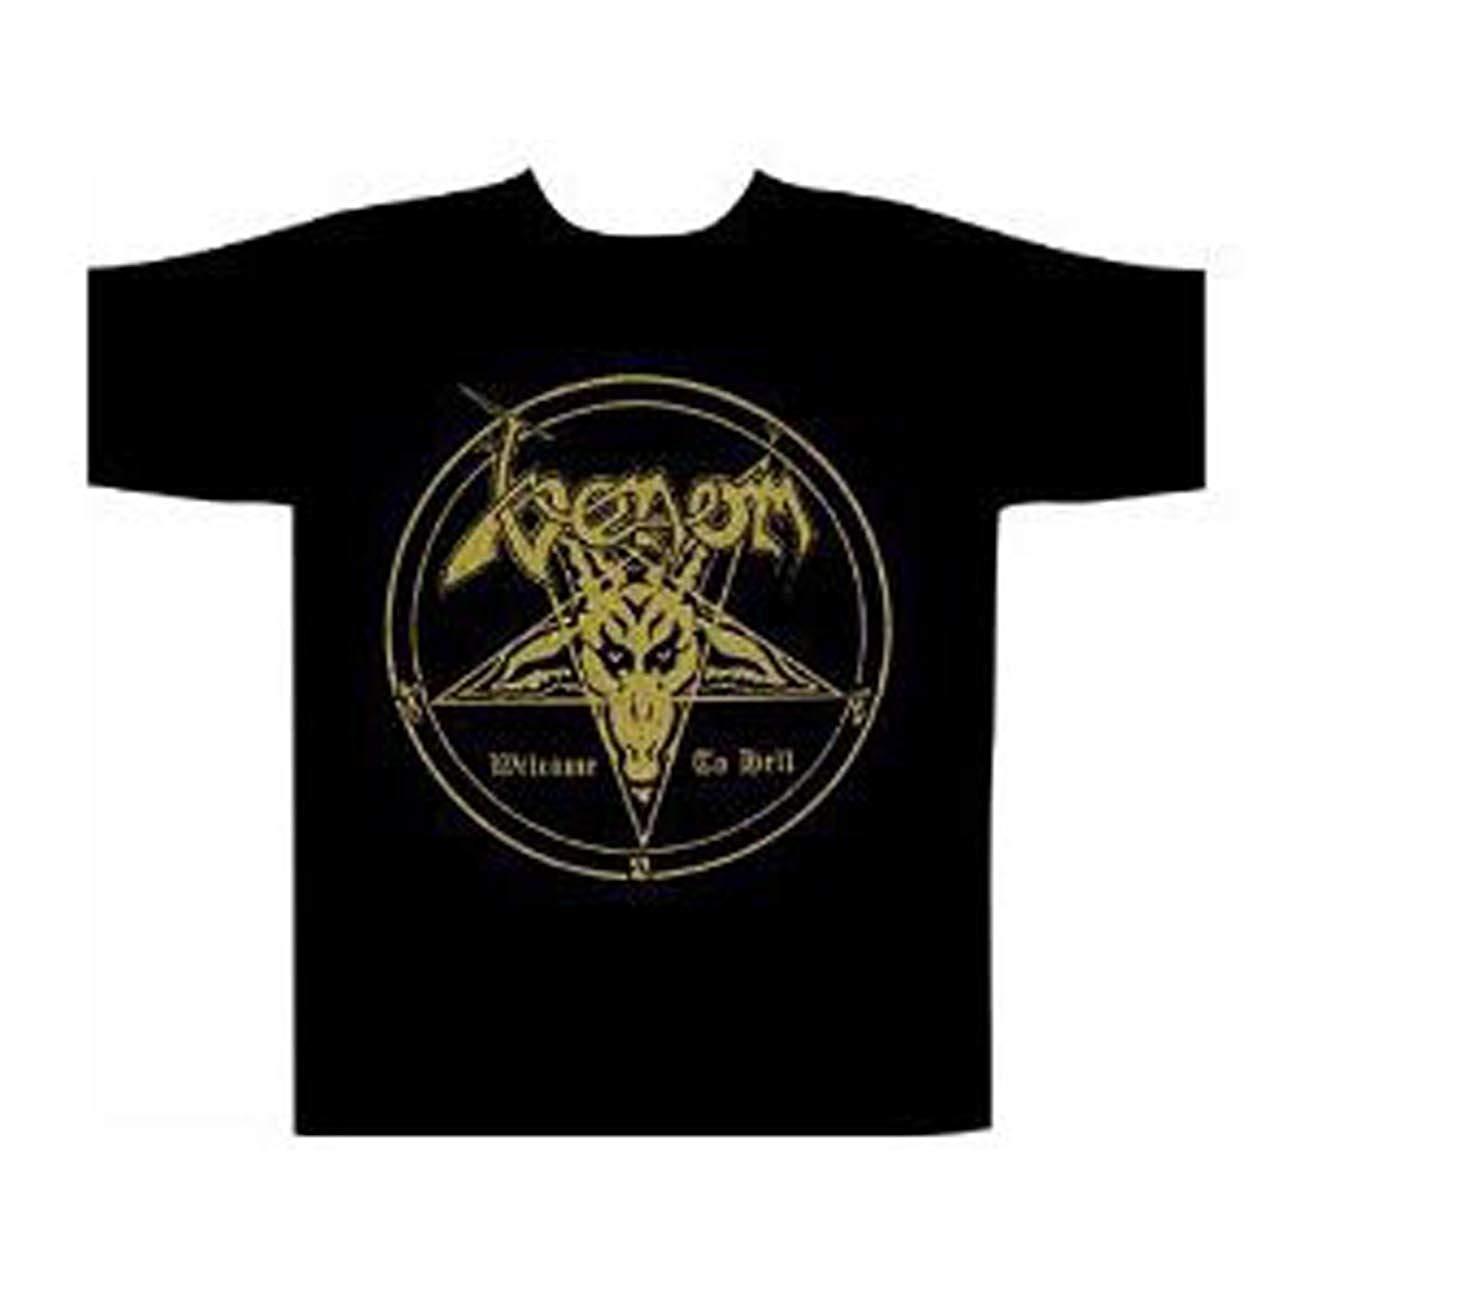 Full Size of Coole Tshirt Sprüche Englisch Coole Tshirt Sprüche Für Mallorca Coole Sprüche Für Auf T Shirt Coole Sprüche Für T Shirt Küche Coole T Shirt Sprüche